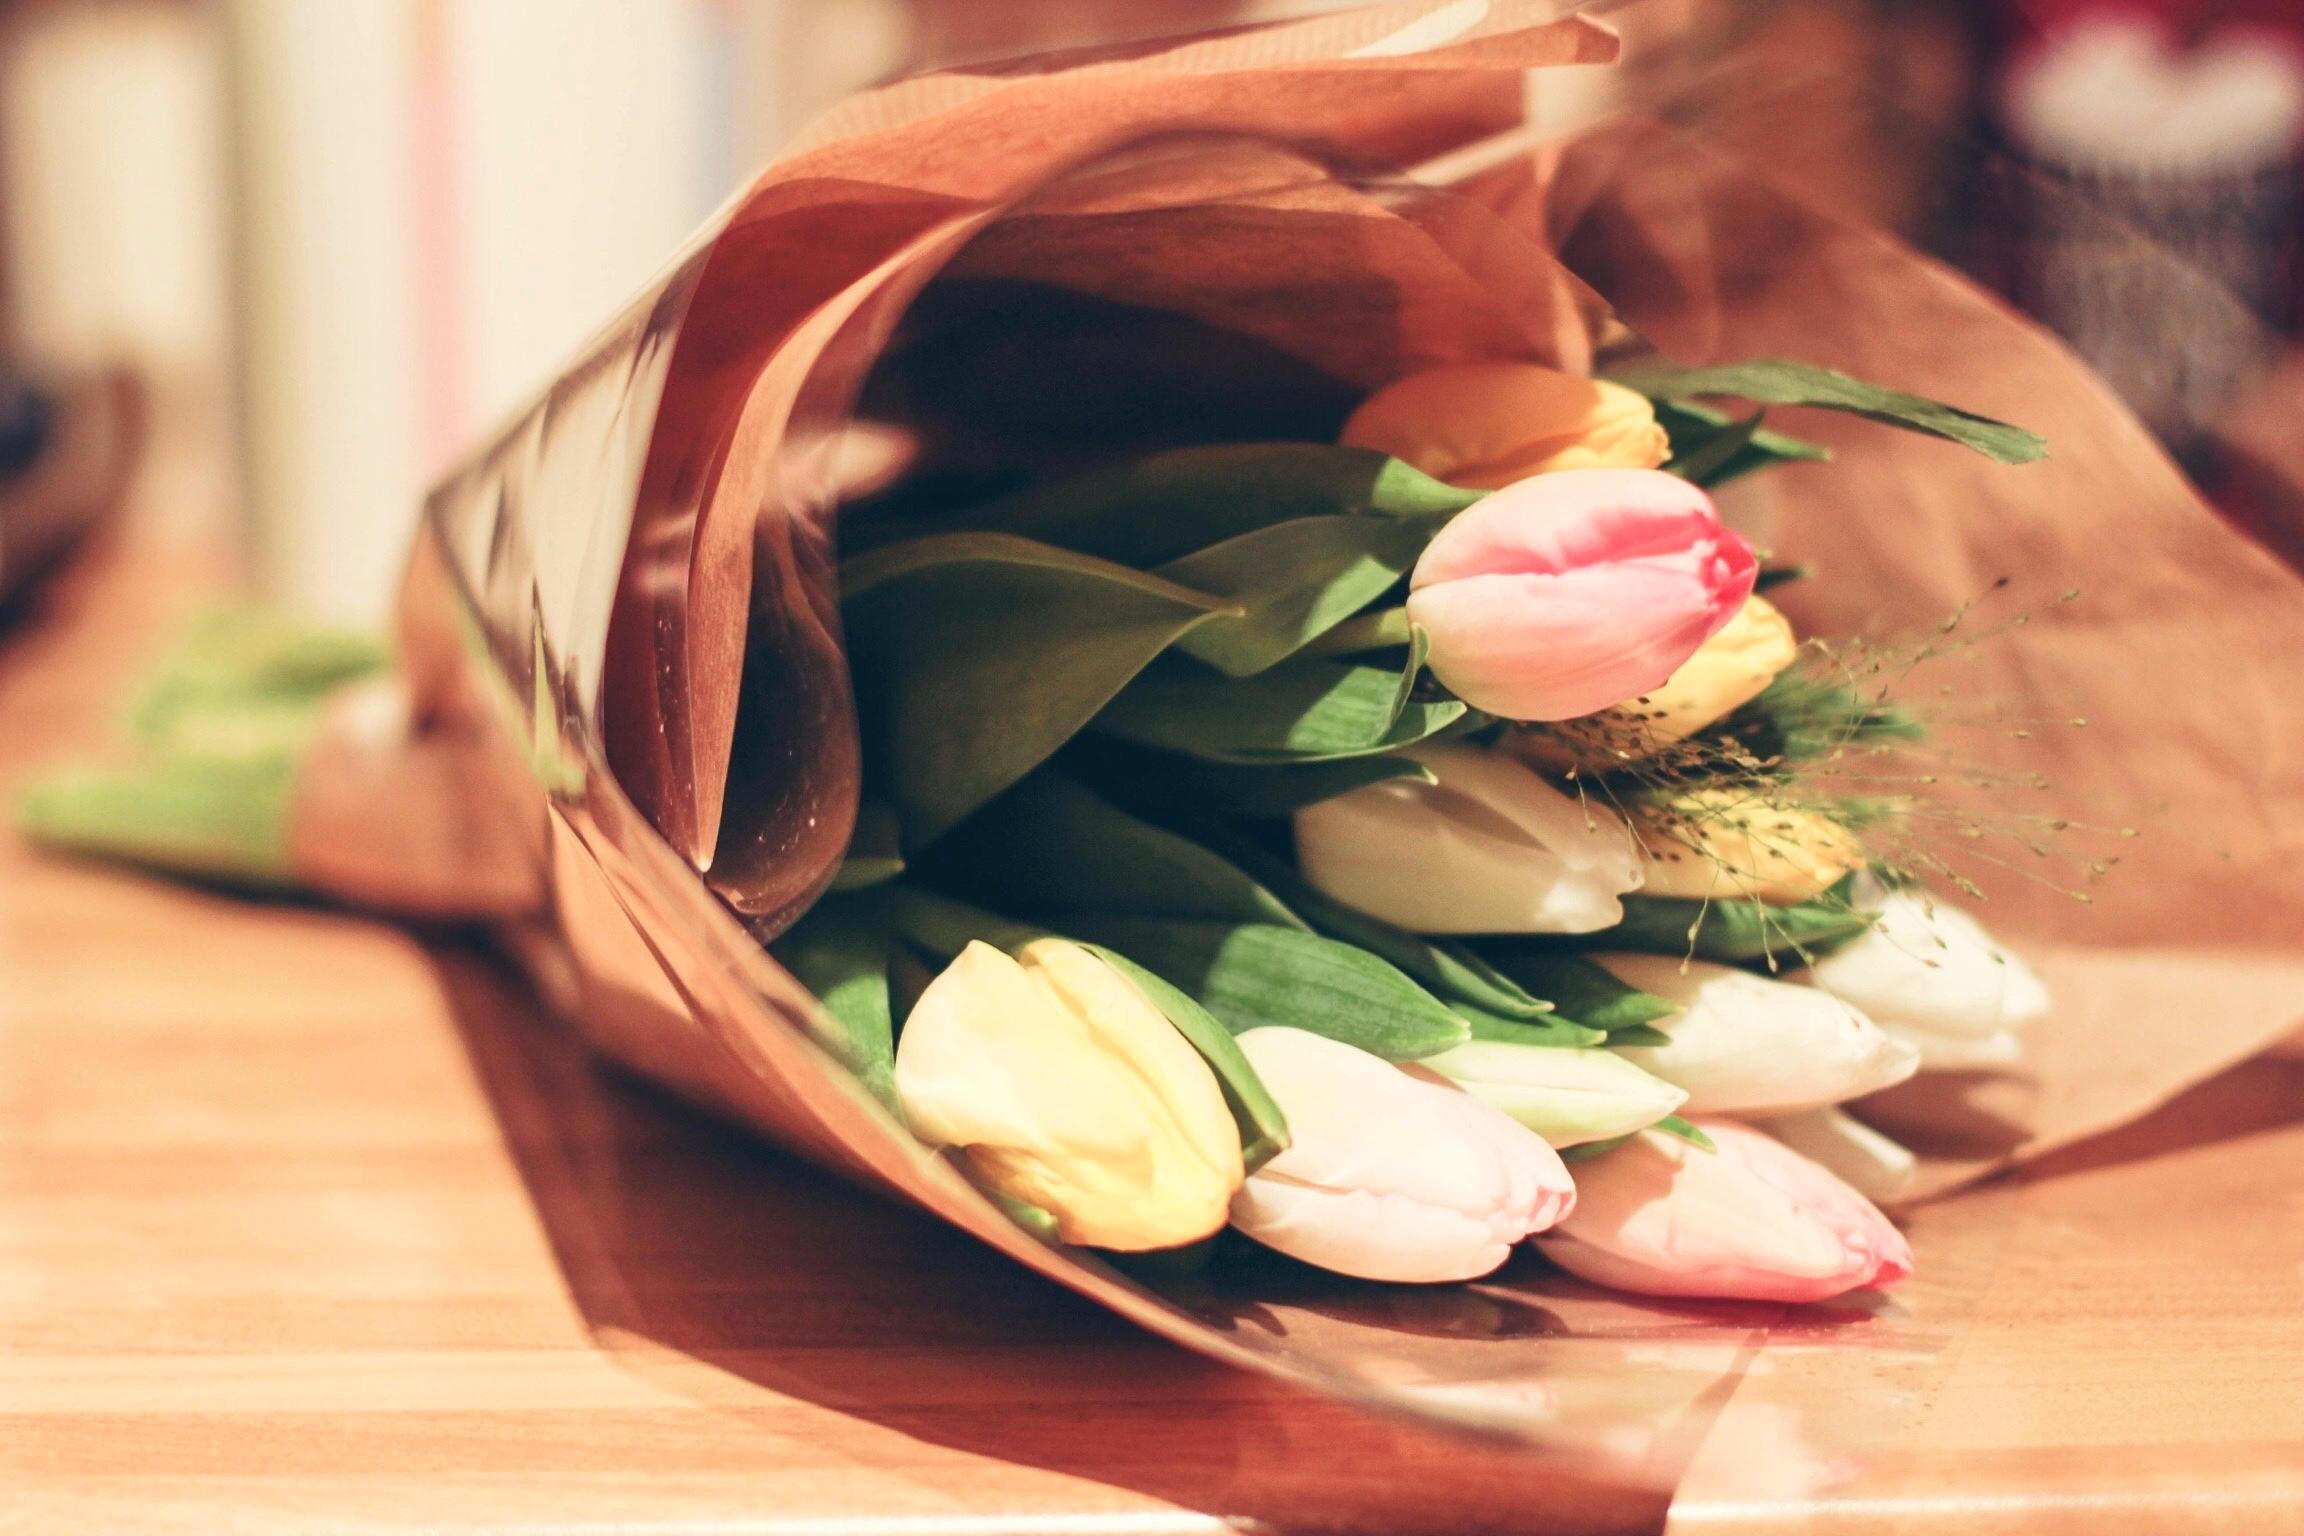 фото букеты тюльпанов на столе мужем путешествие